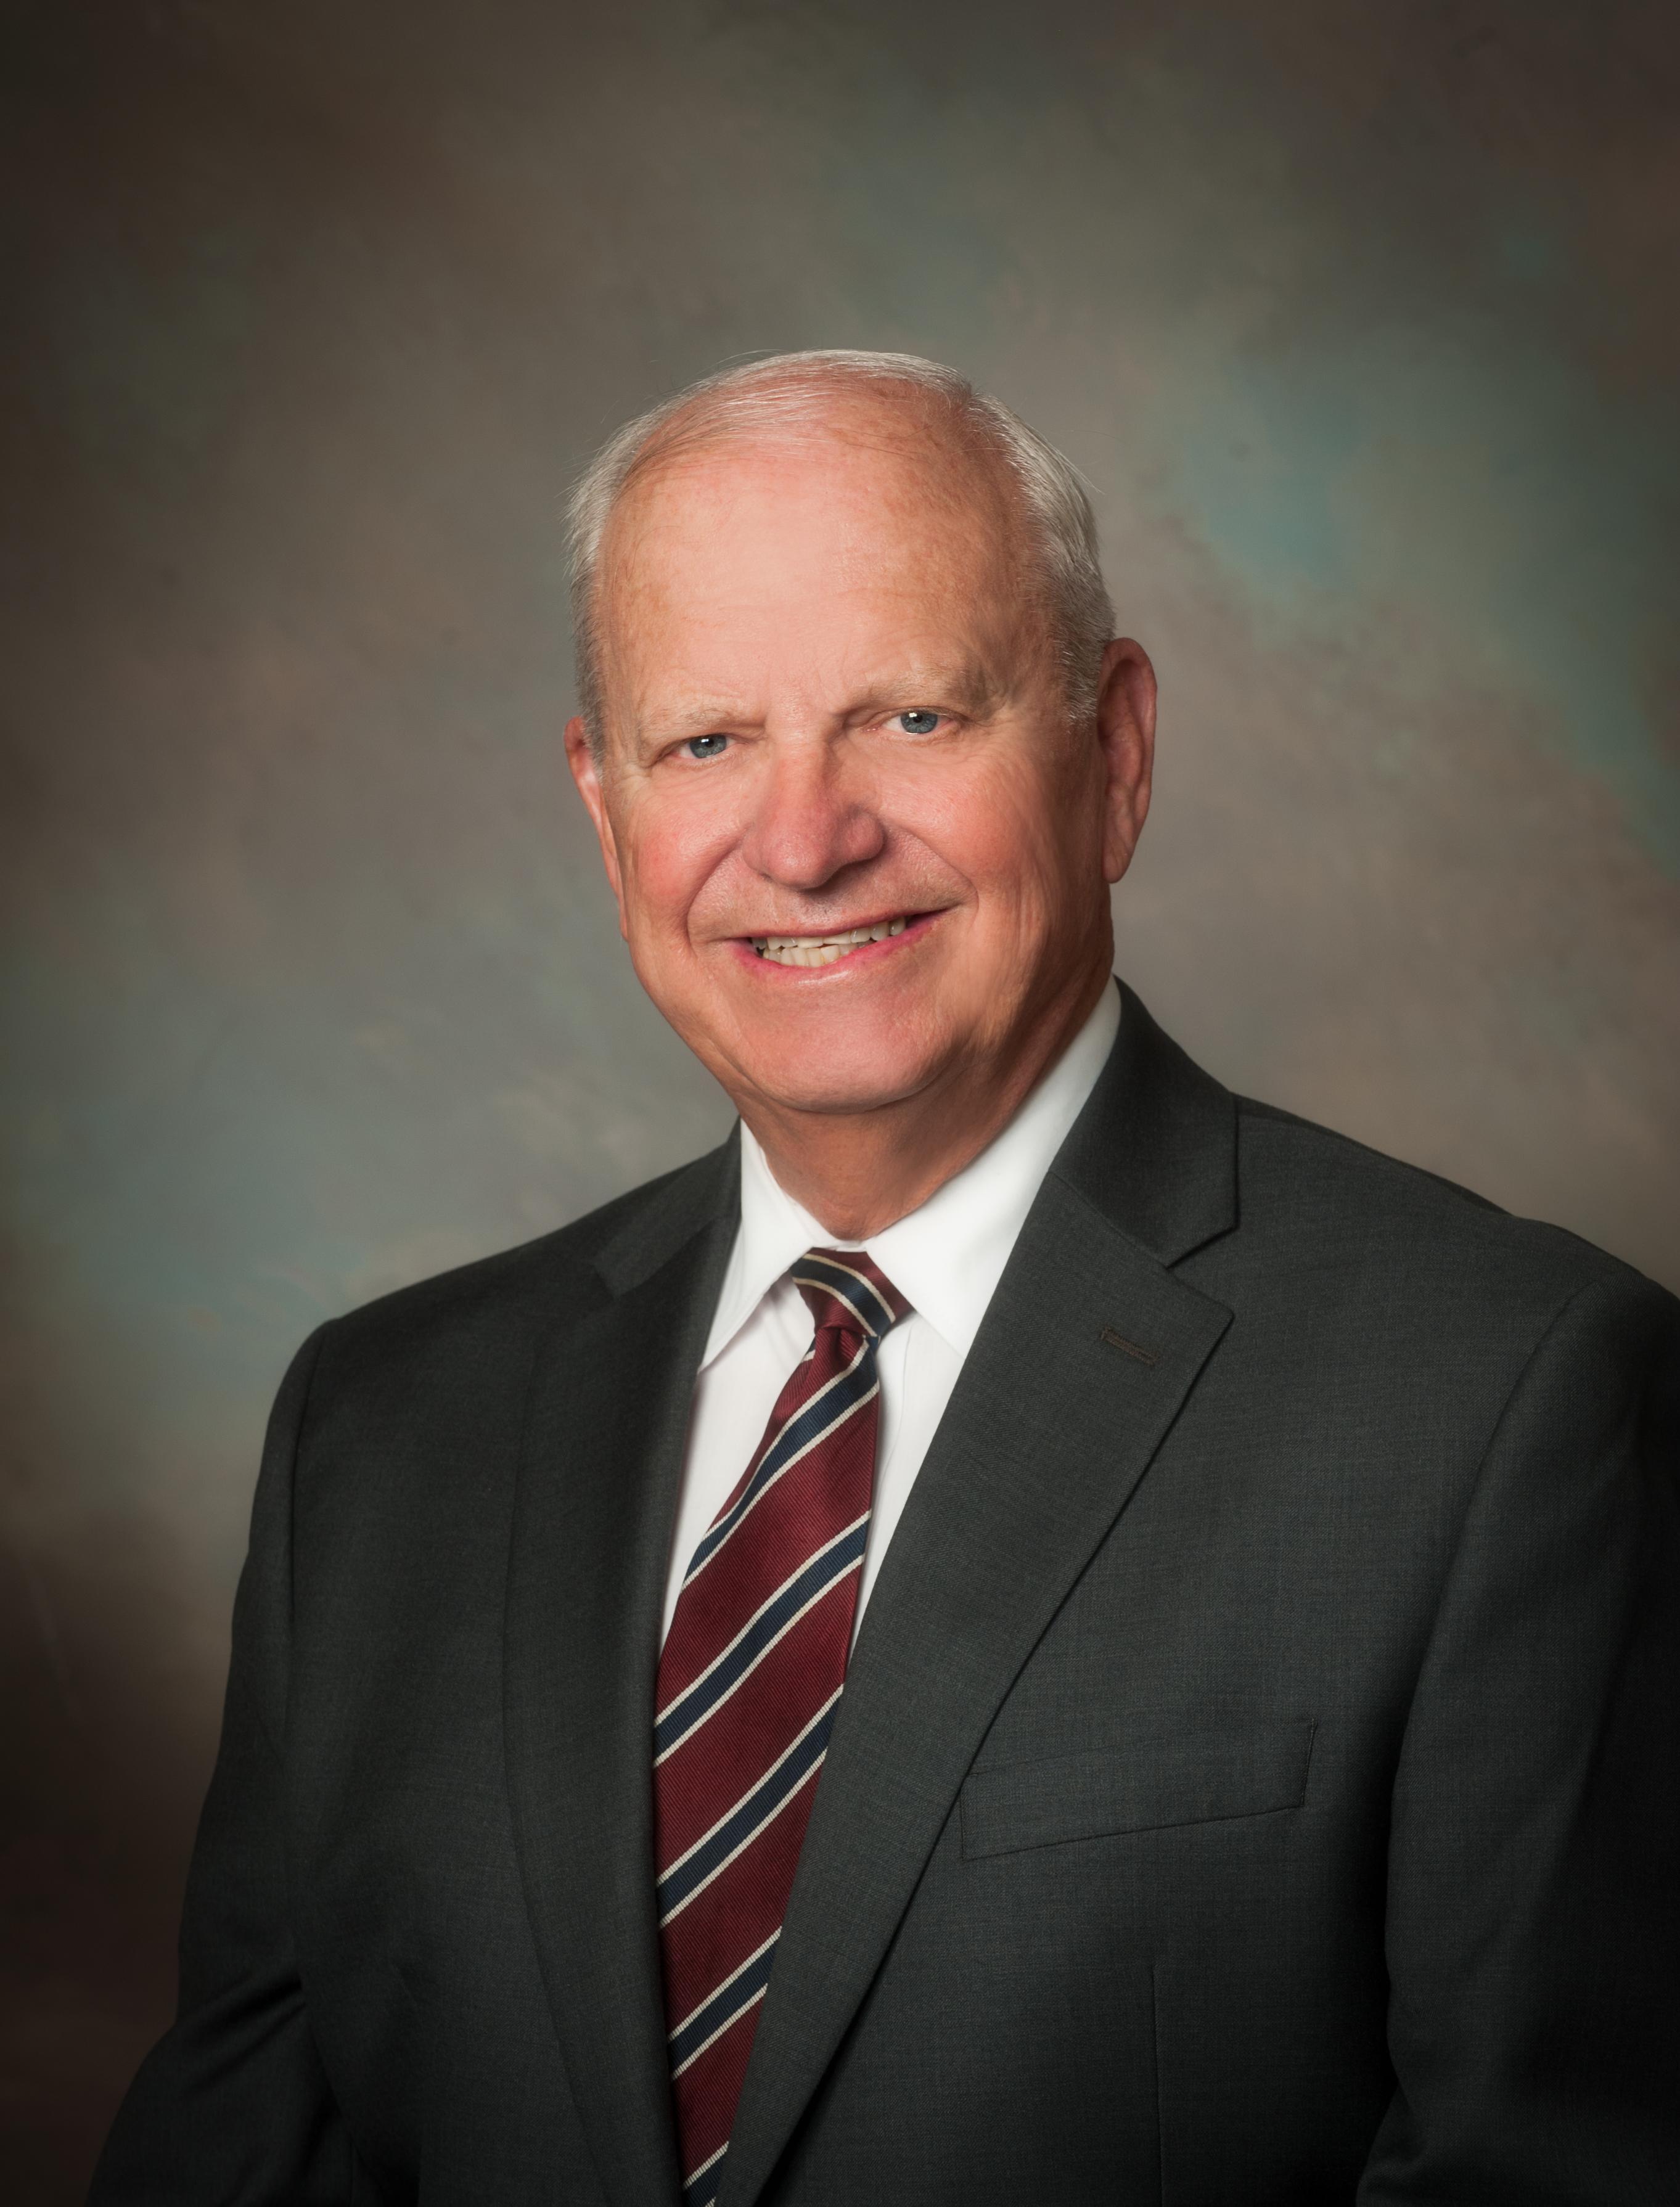 Dr. John C. (Jack) Peck